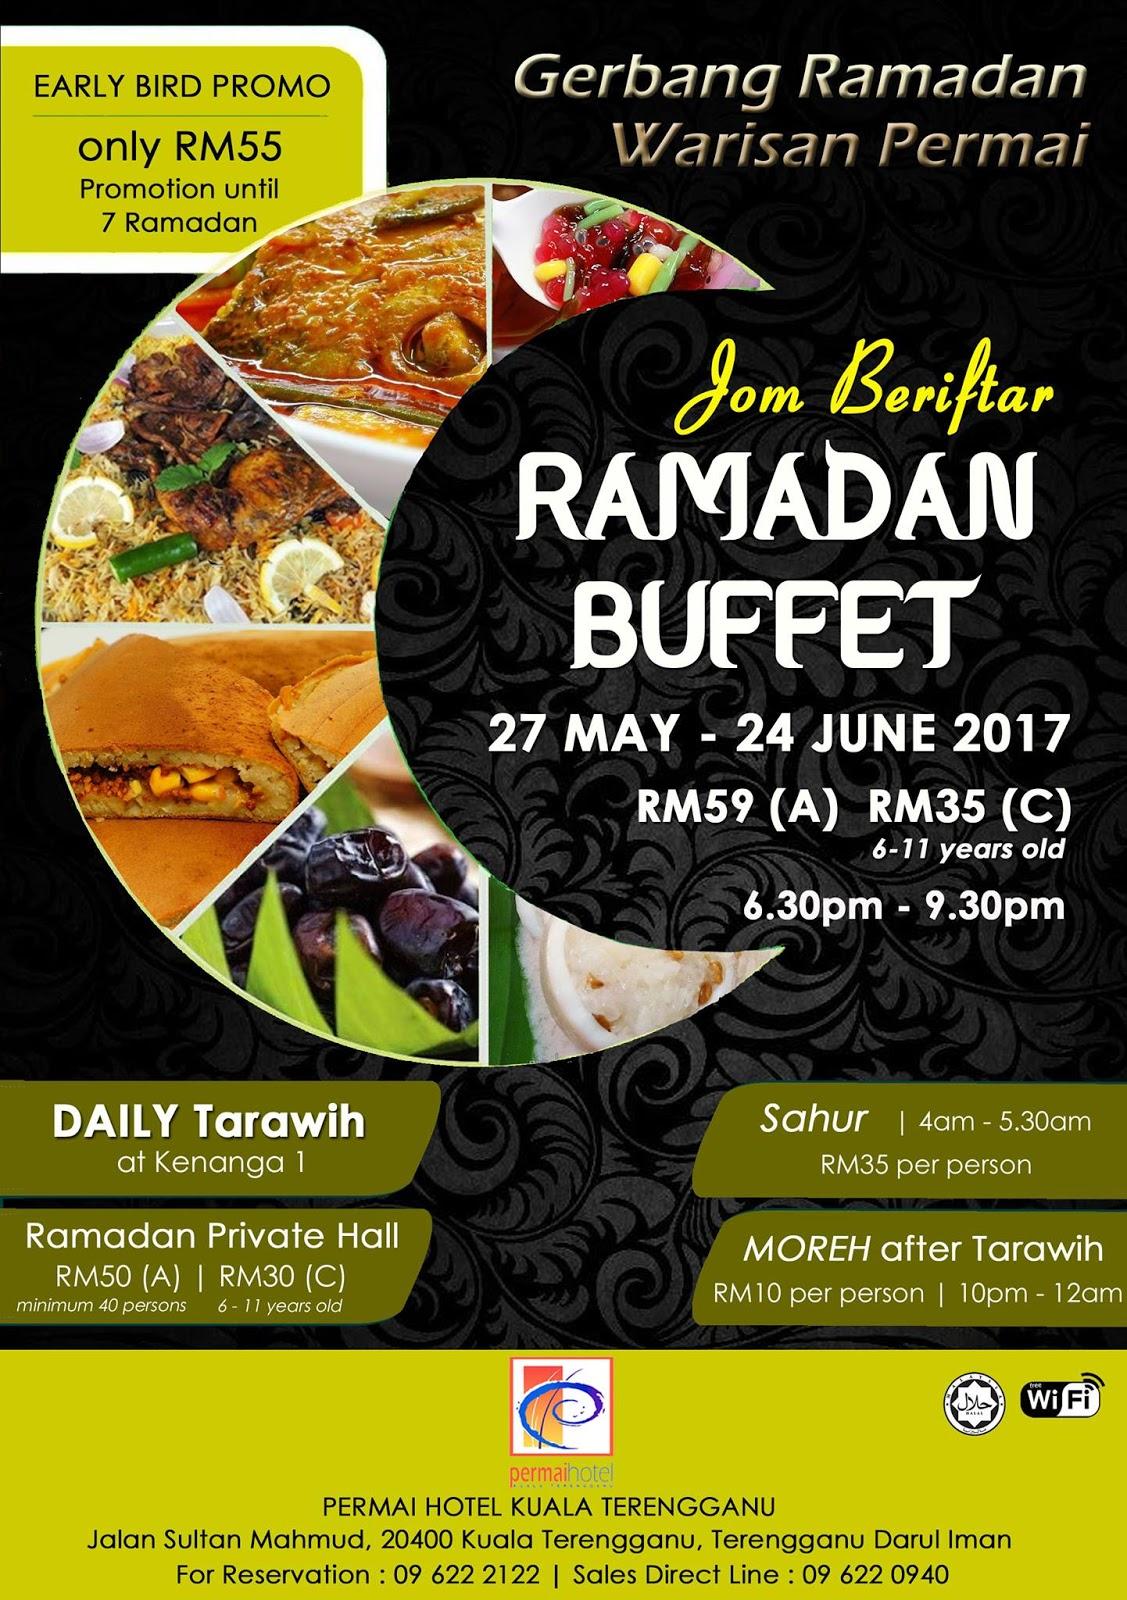 Buffet Ramadhan permai hotel Terengganu 2017